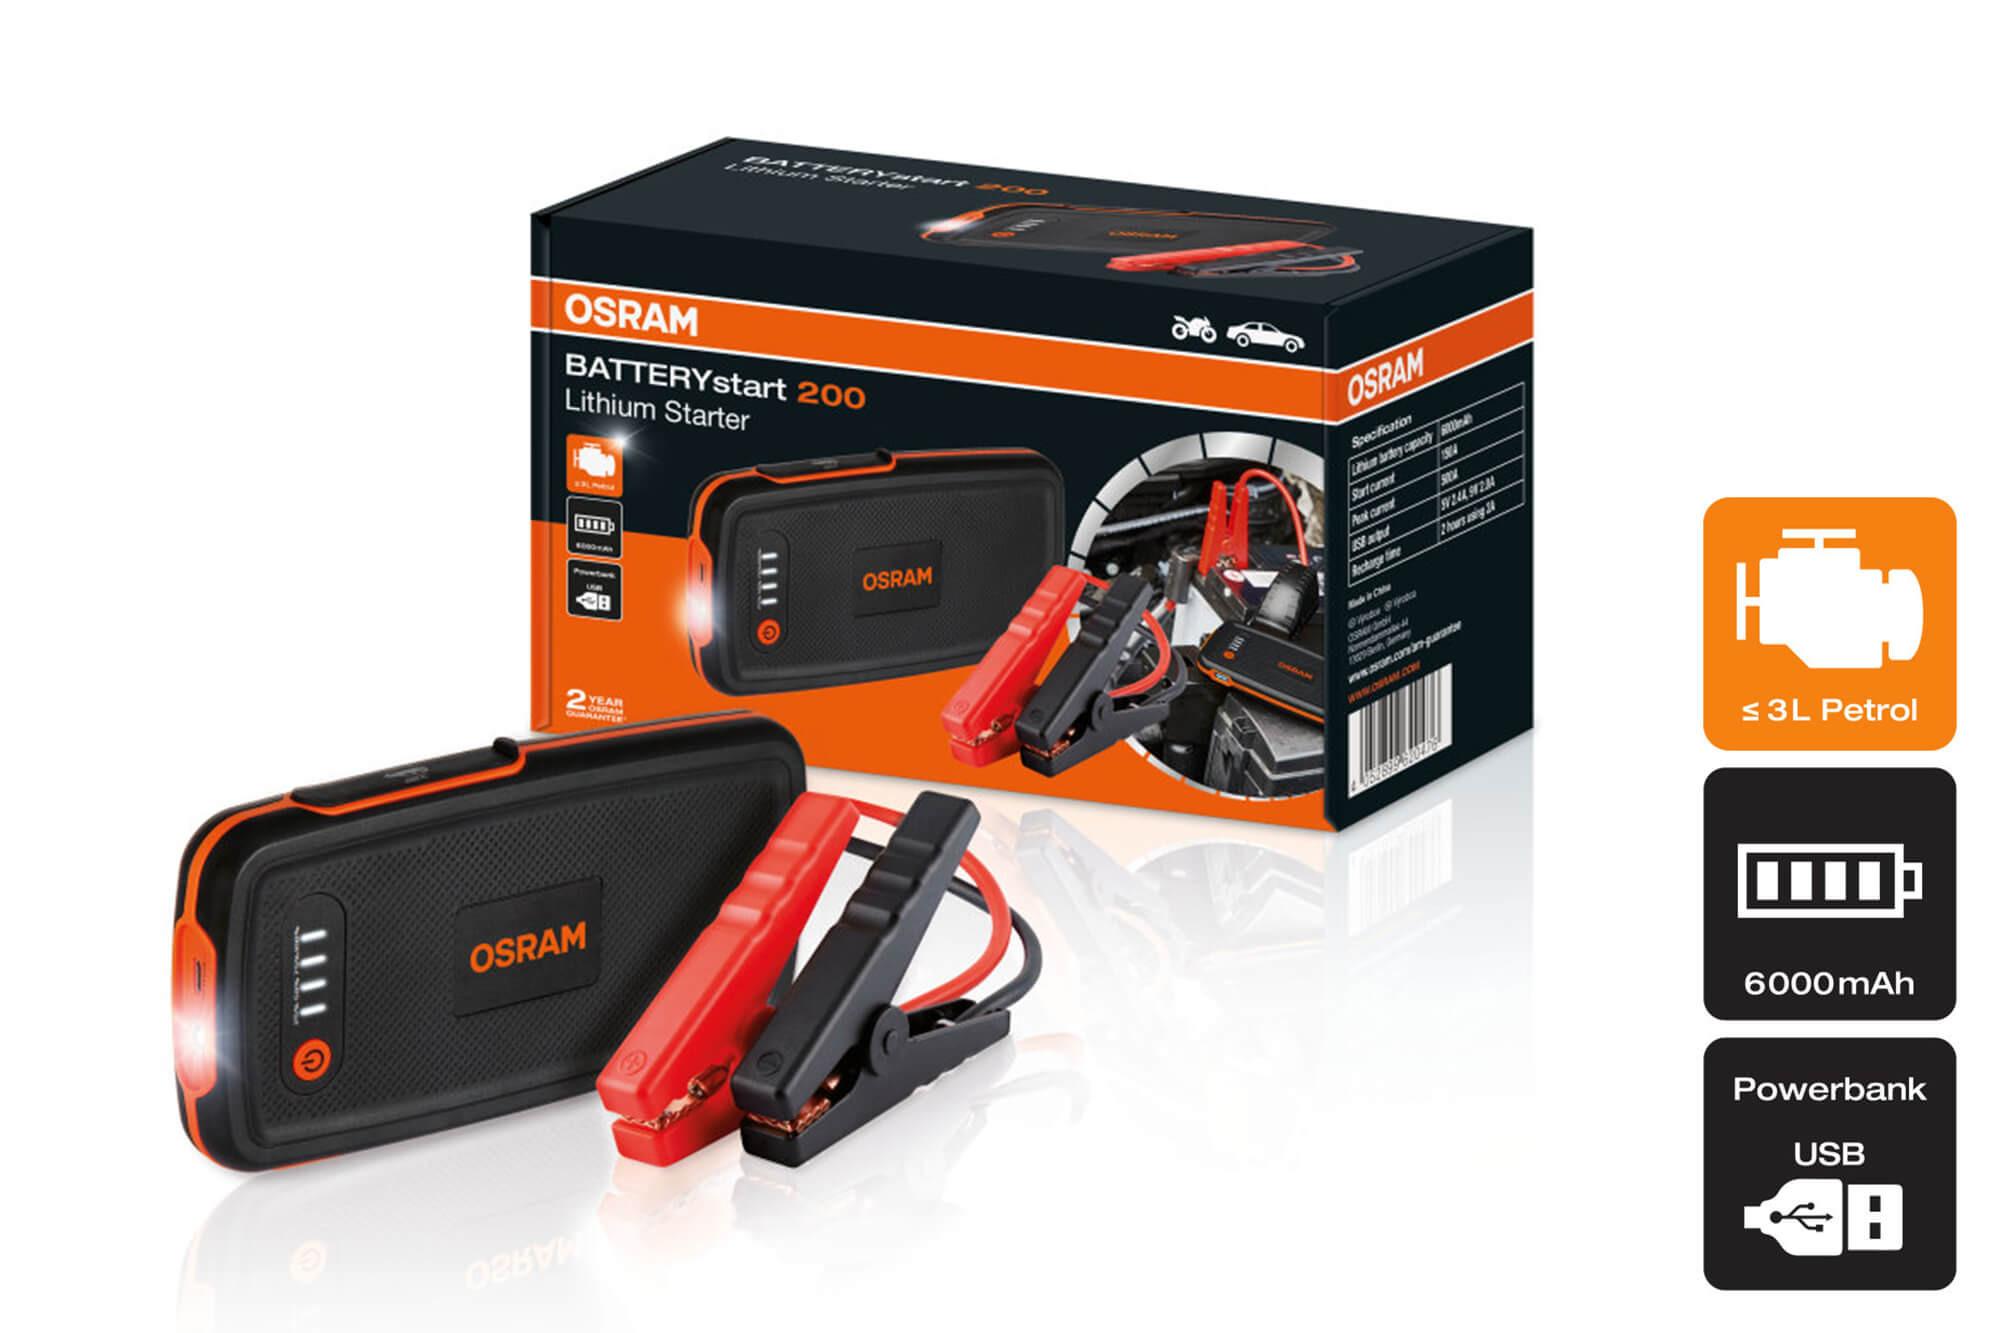 Osram - Batterystart 200 - Външна батерия 6000mAh